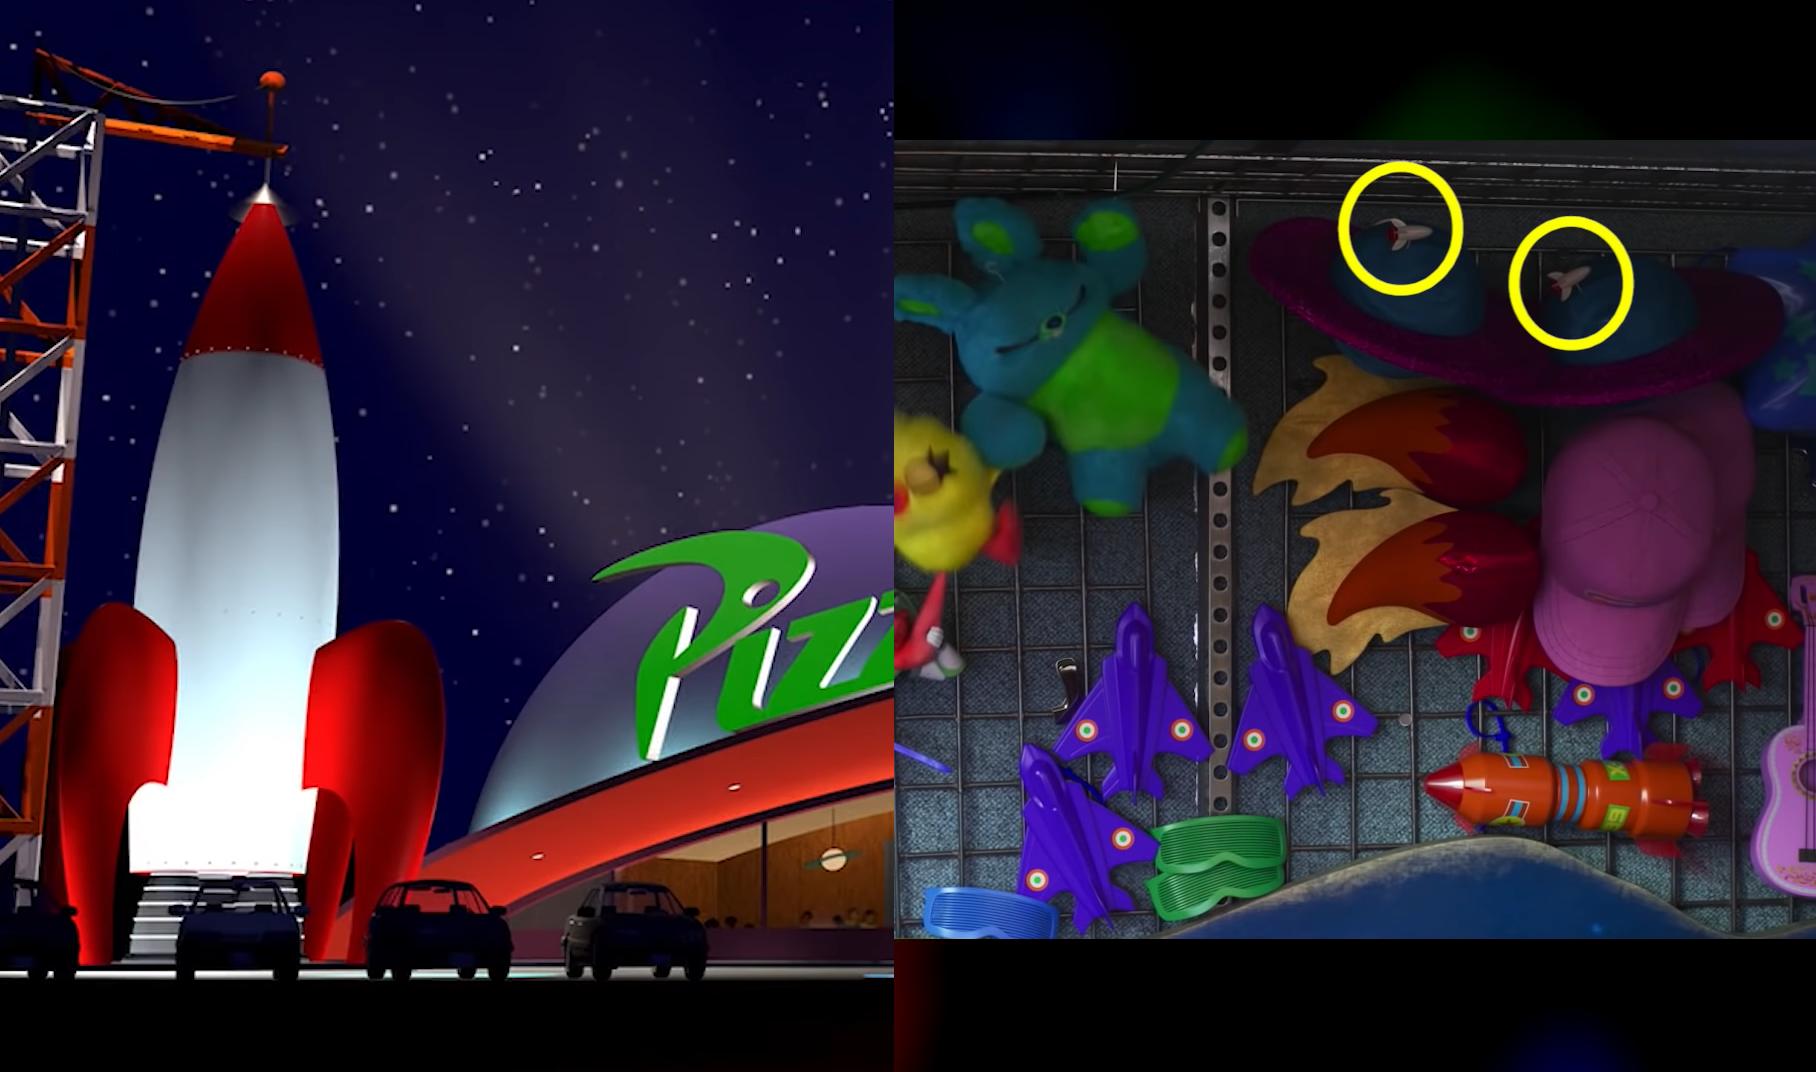 40 bí mật thú vị được giấu kĩ trong Toy Story 4 chỉ ai tinh mắt lắm mới thấy - Ảnh 5.